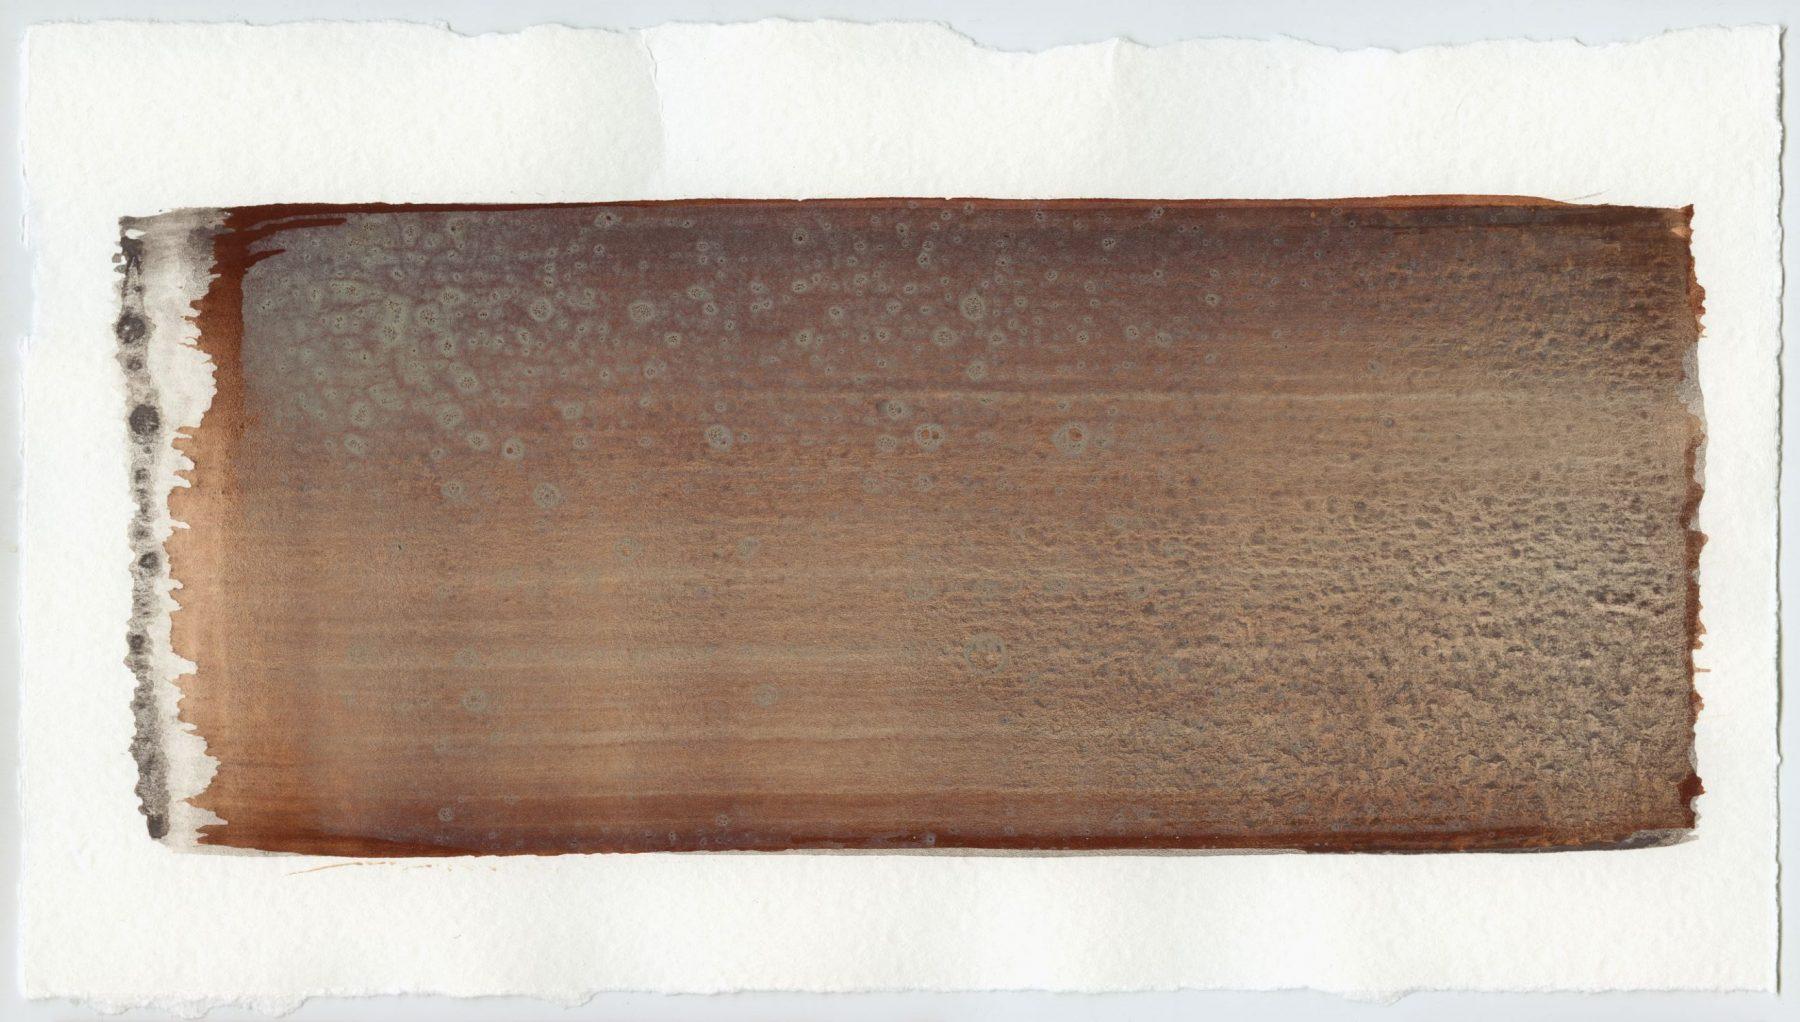 Brush stroke no. 93 - SOLD - Selfmade pigment: Mortel paarsgrijs fijn, Mortelse oker gebrand, Perekker grijs